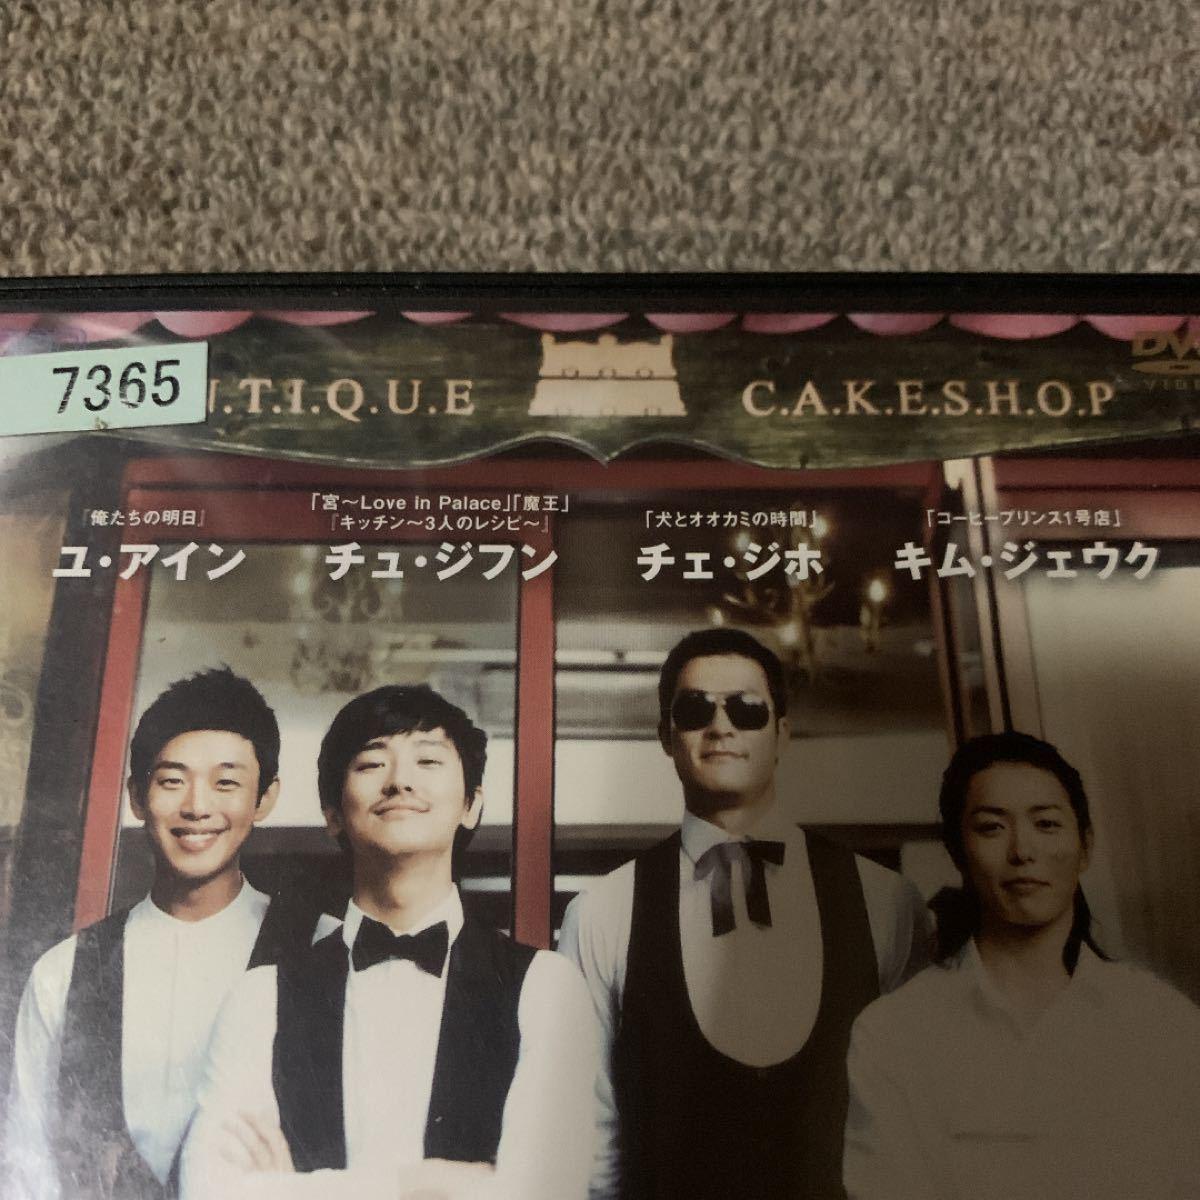 レンタル落ち 韓国DVD アンティーク